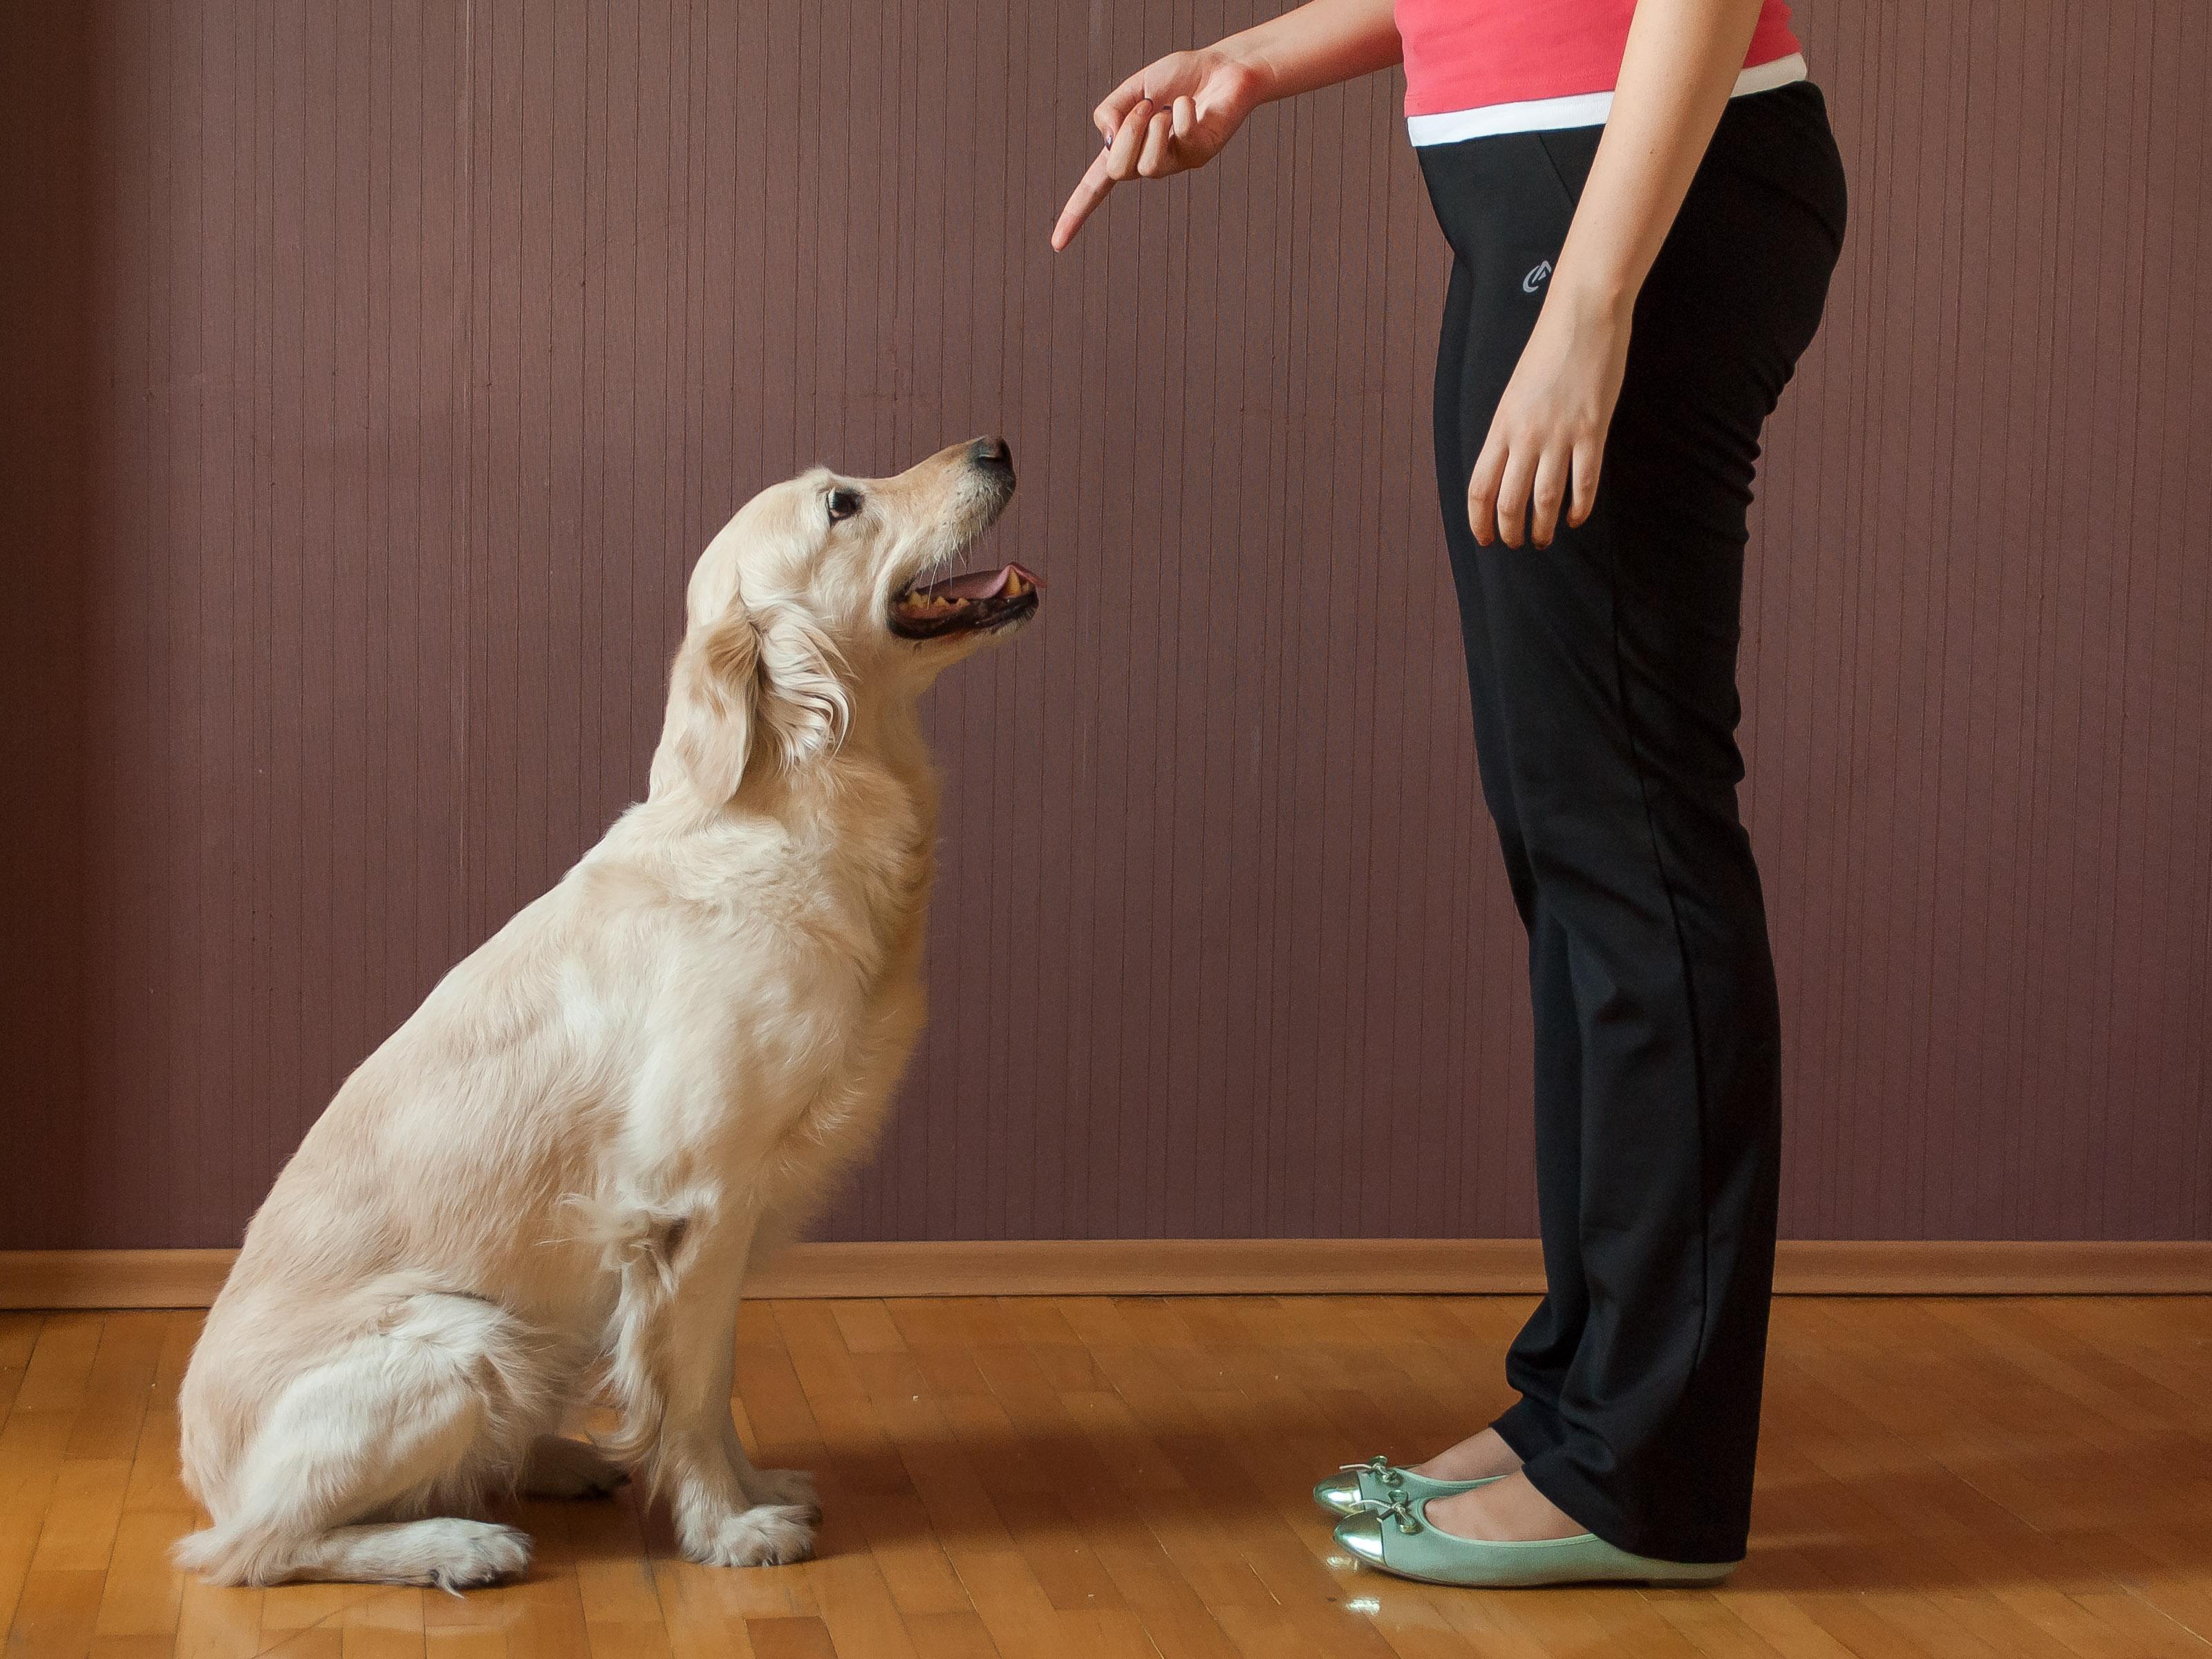 Basic Dog Training Commands: Every Dog Should Know